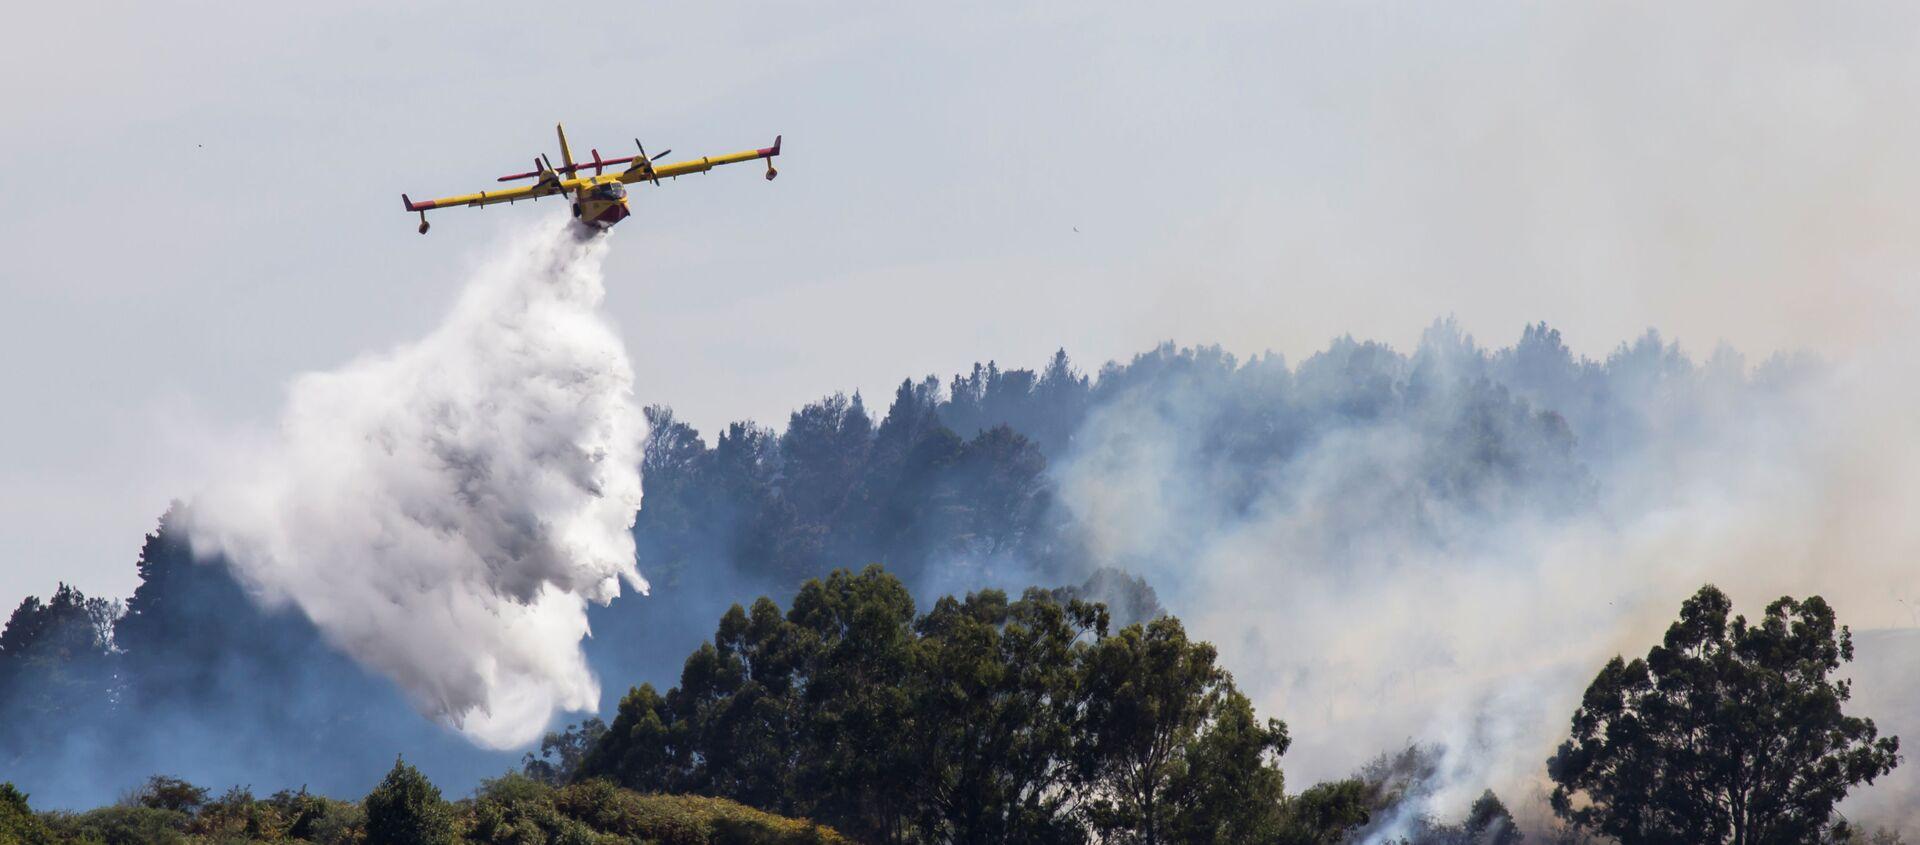 Incendio forestal en Gran Canaria, España - Sputnik Mundo, 1920, 20.08.2019